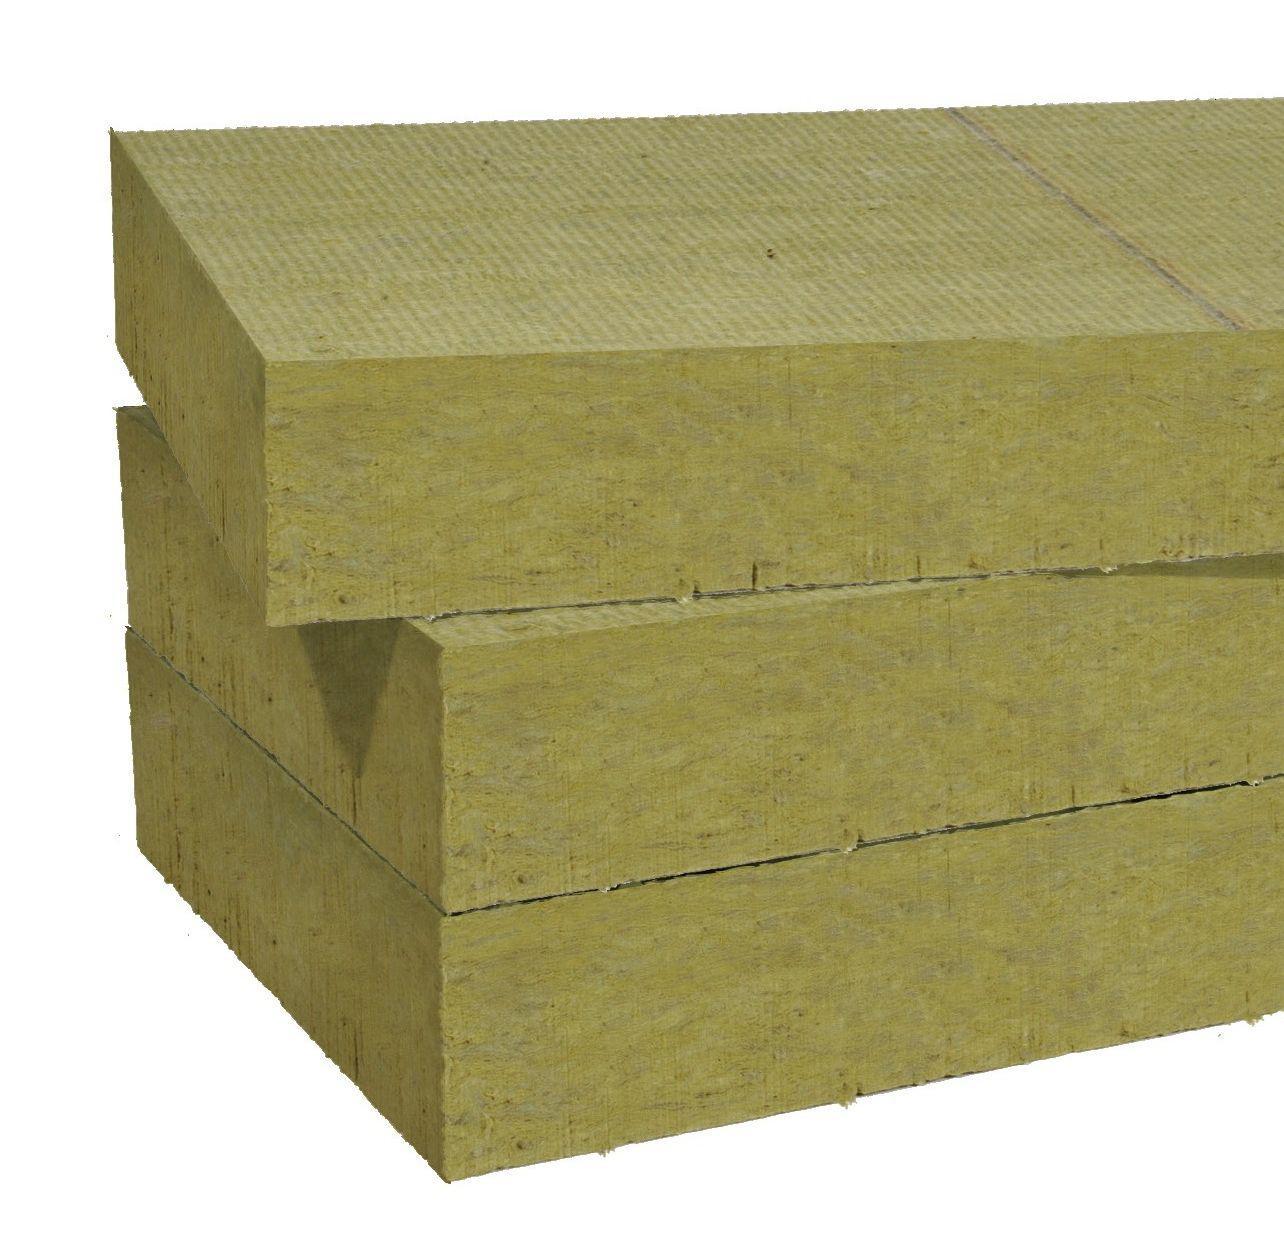 WDVS Schleifbrett Raspelbrett  Egalisierungsbrett Fassadendämmung Multipor Ytong